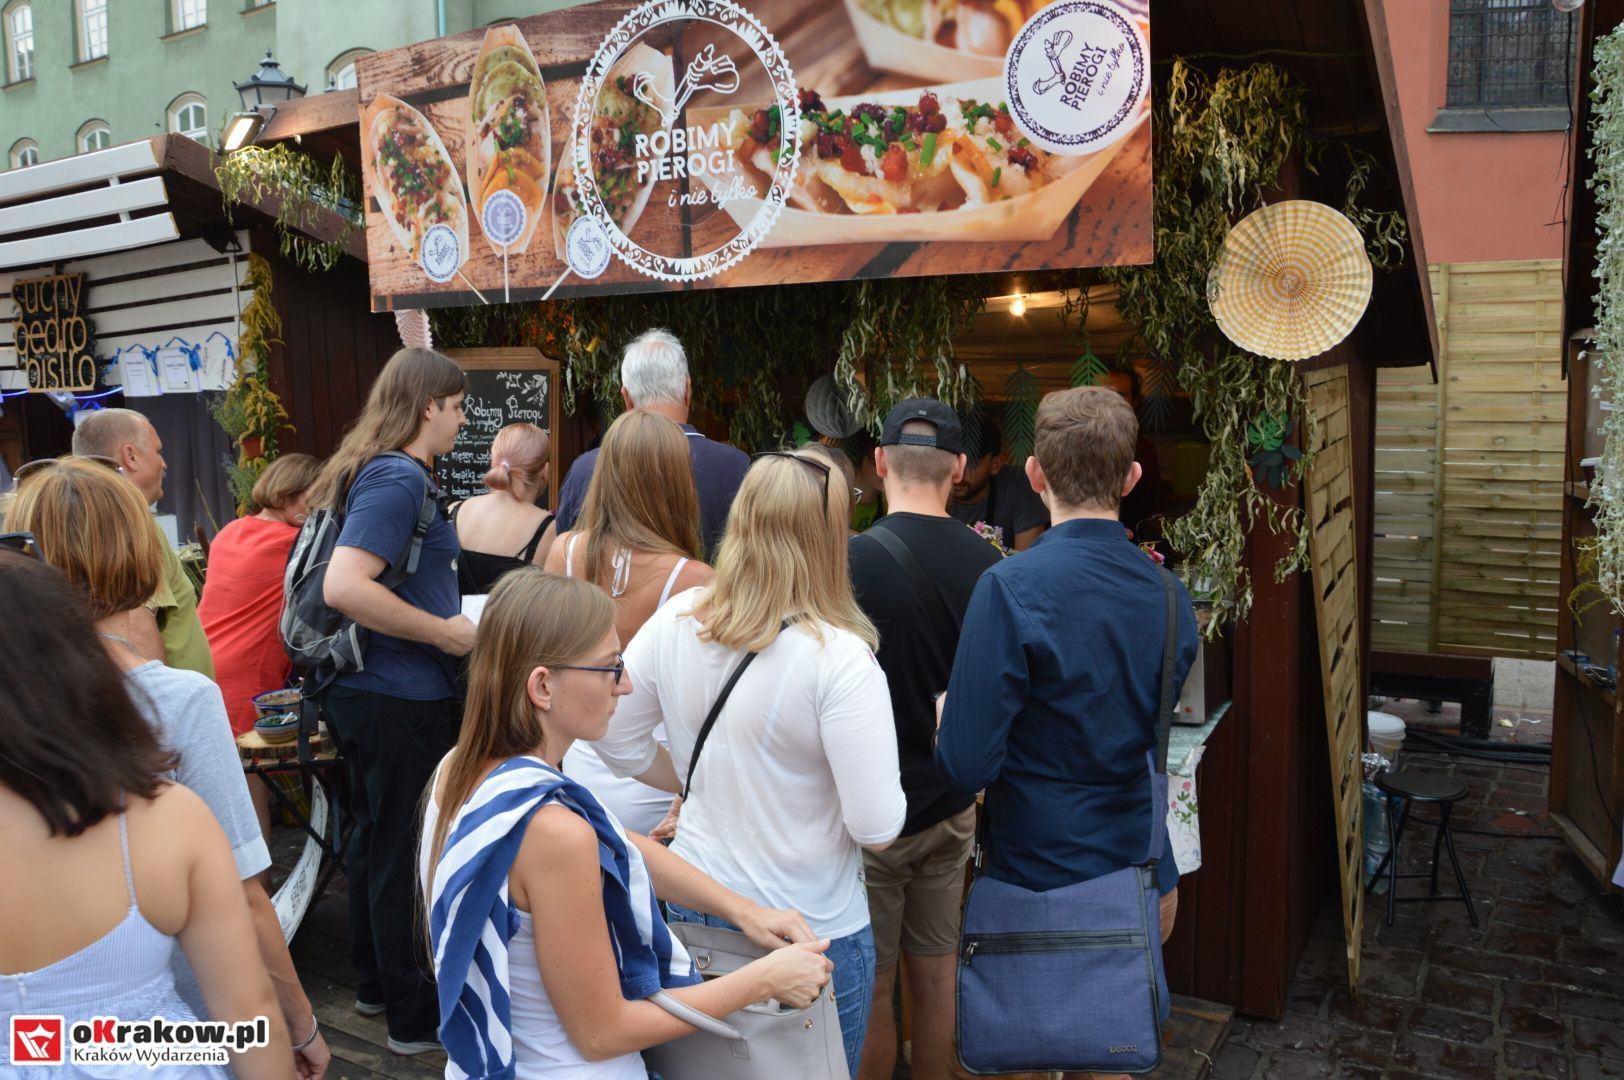 krakow festiwal pierogow maly rynek koncert cheap tobacco 19 150x150 - Galeria zdjęć Festiwal Pierogów Kraków 2018 + zdjęcia z koncertu Cheap Tobacco